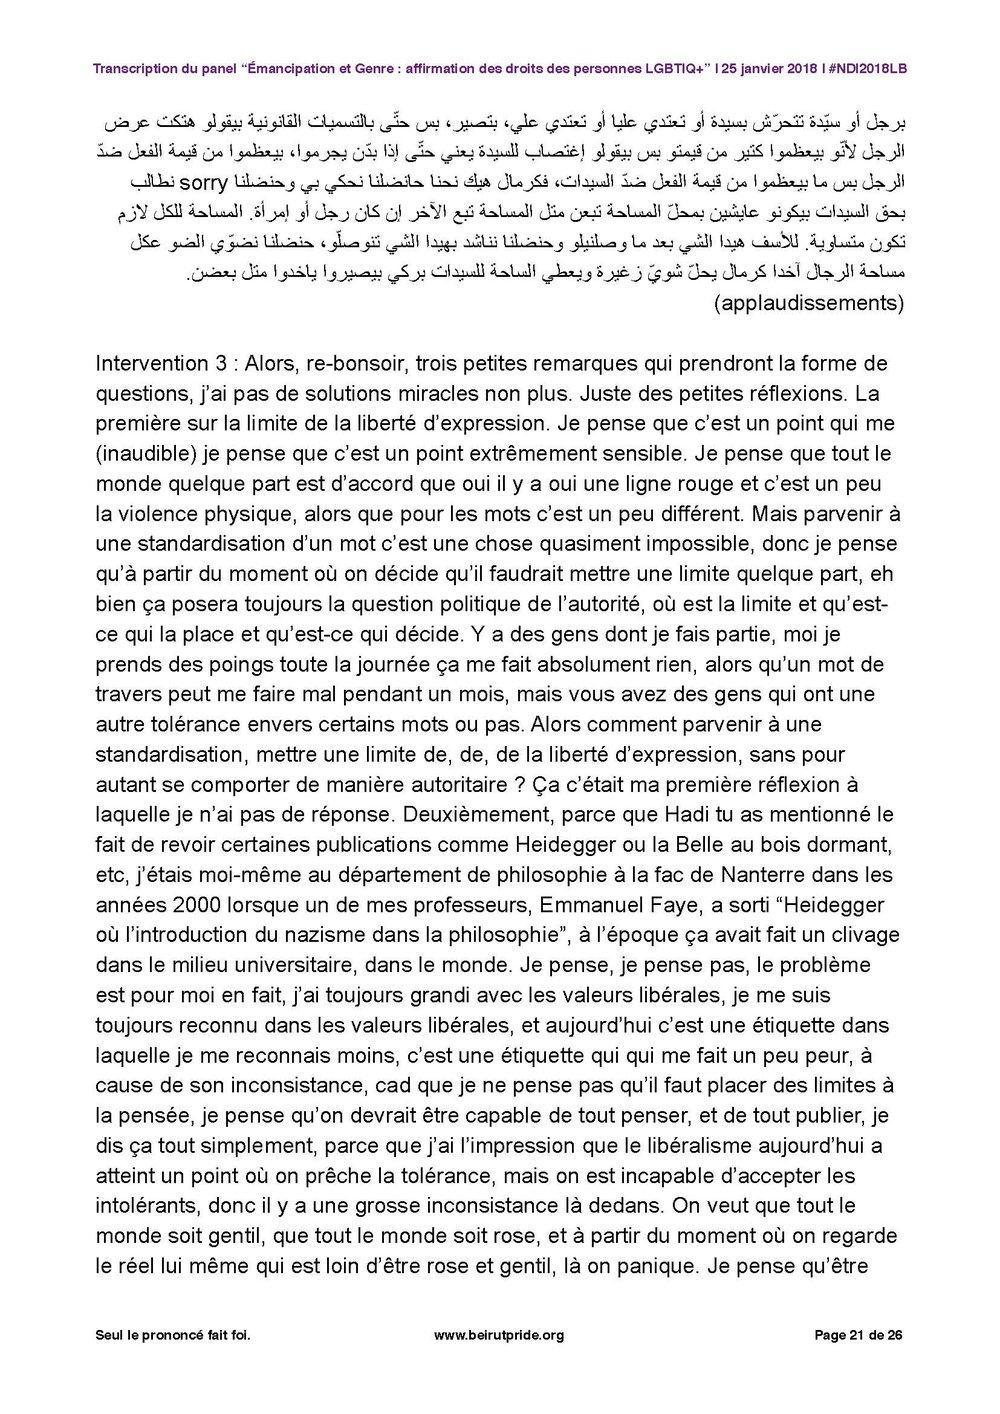 Transcription Nuit des idées 2018_Page_21.jpg